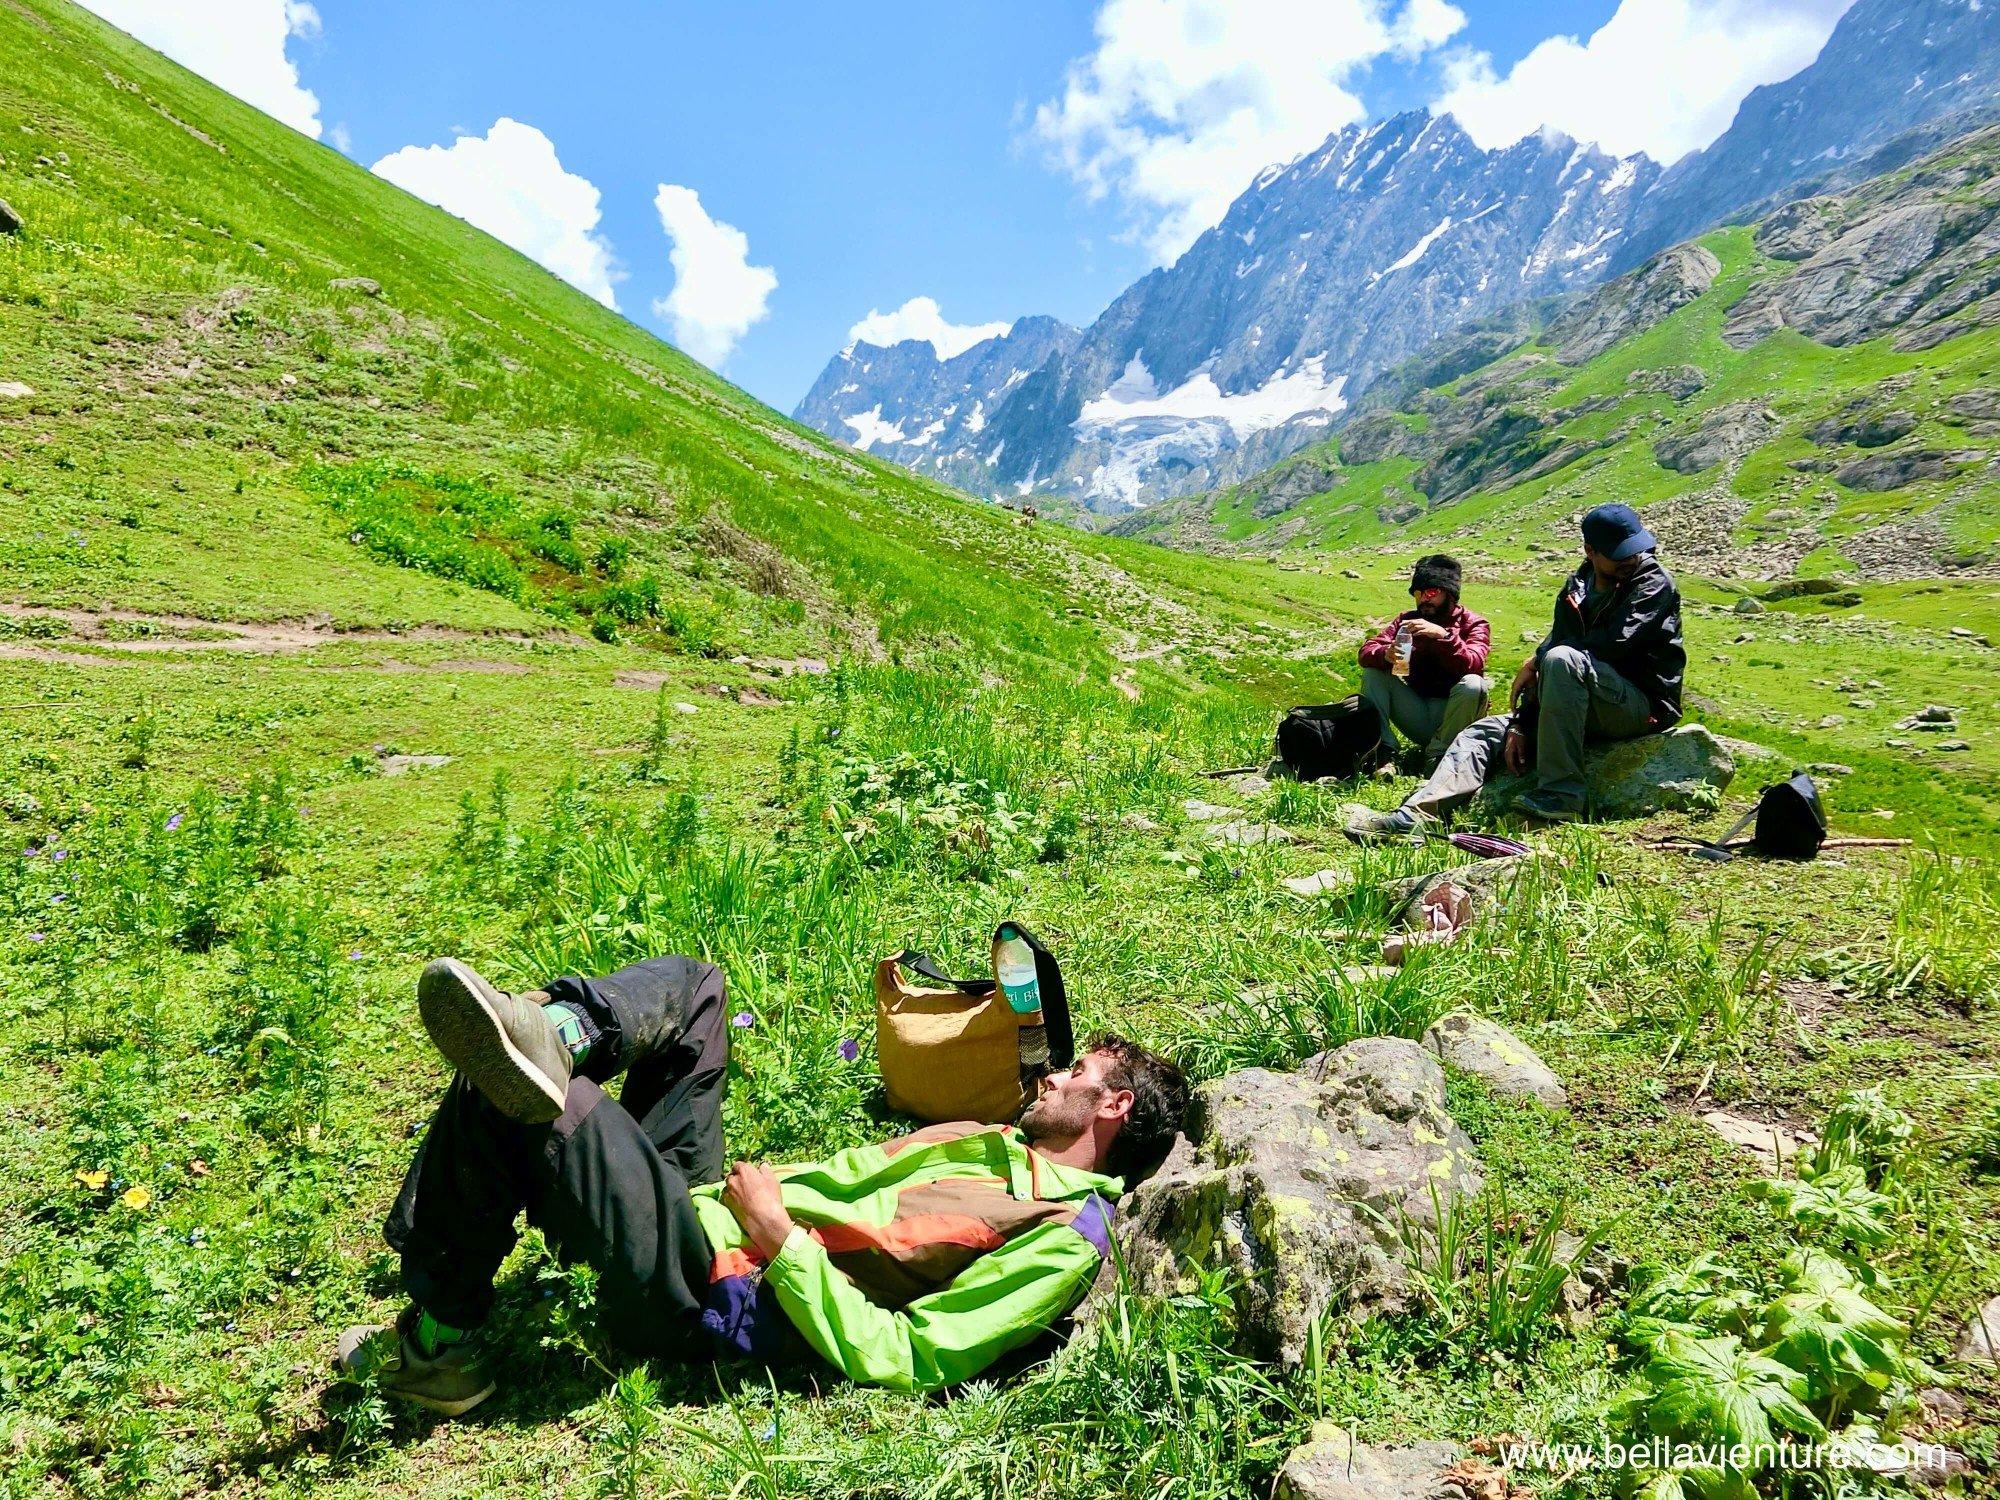 印度India 北北印 North India 喀什米爾 Kashmir 大湖健行 trekking 休息